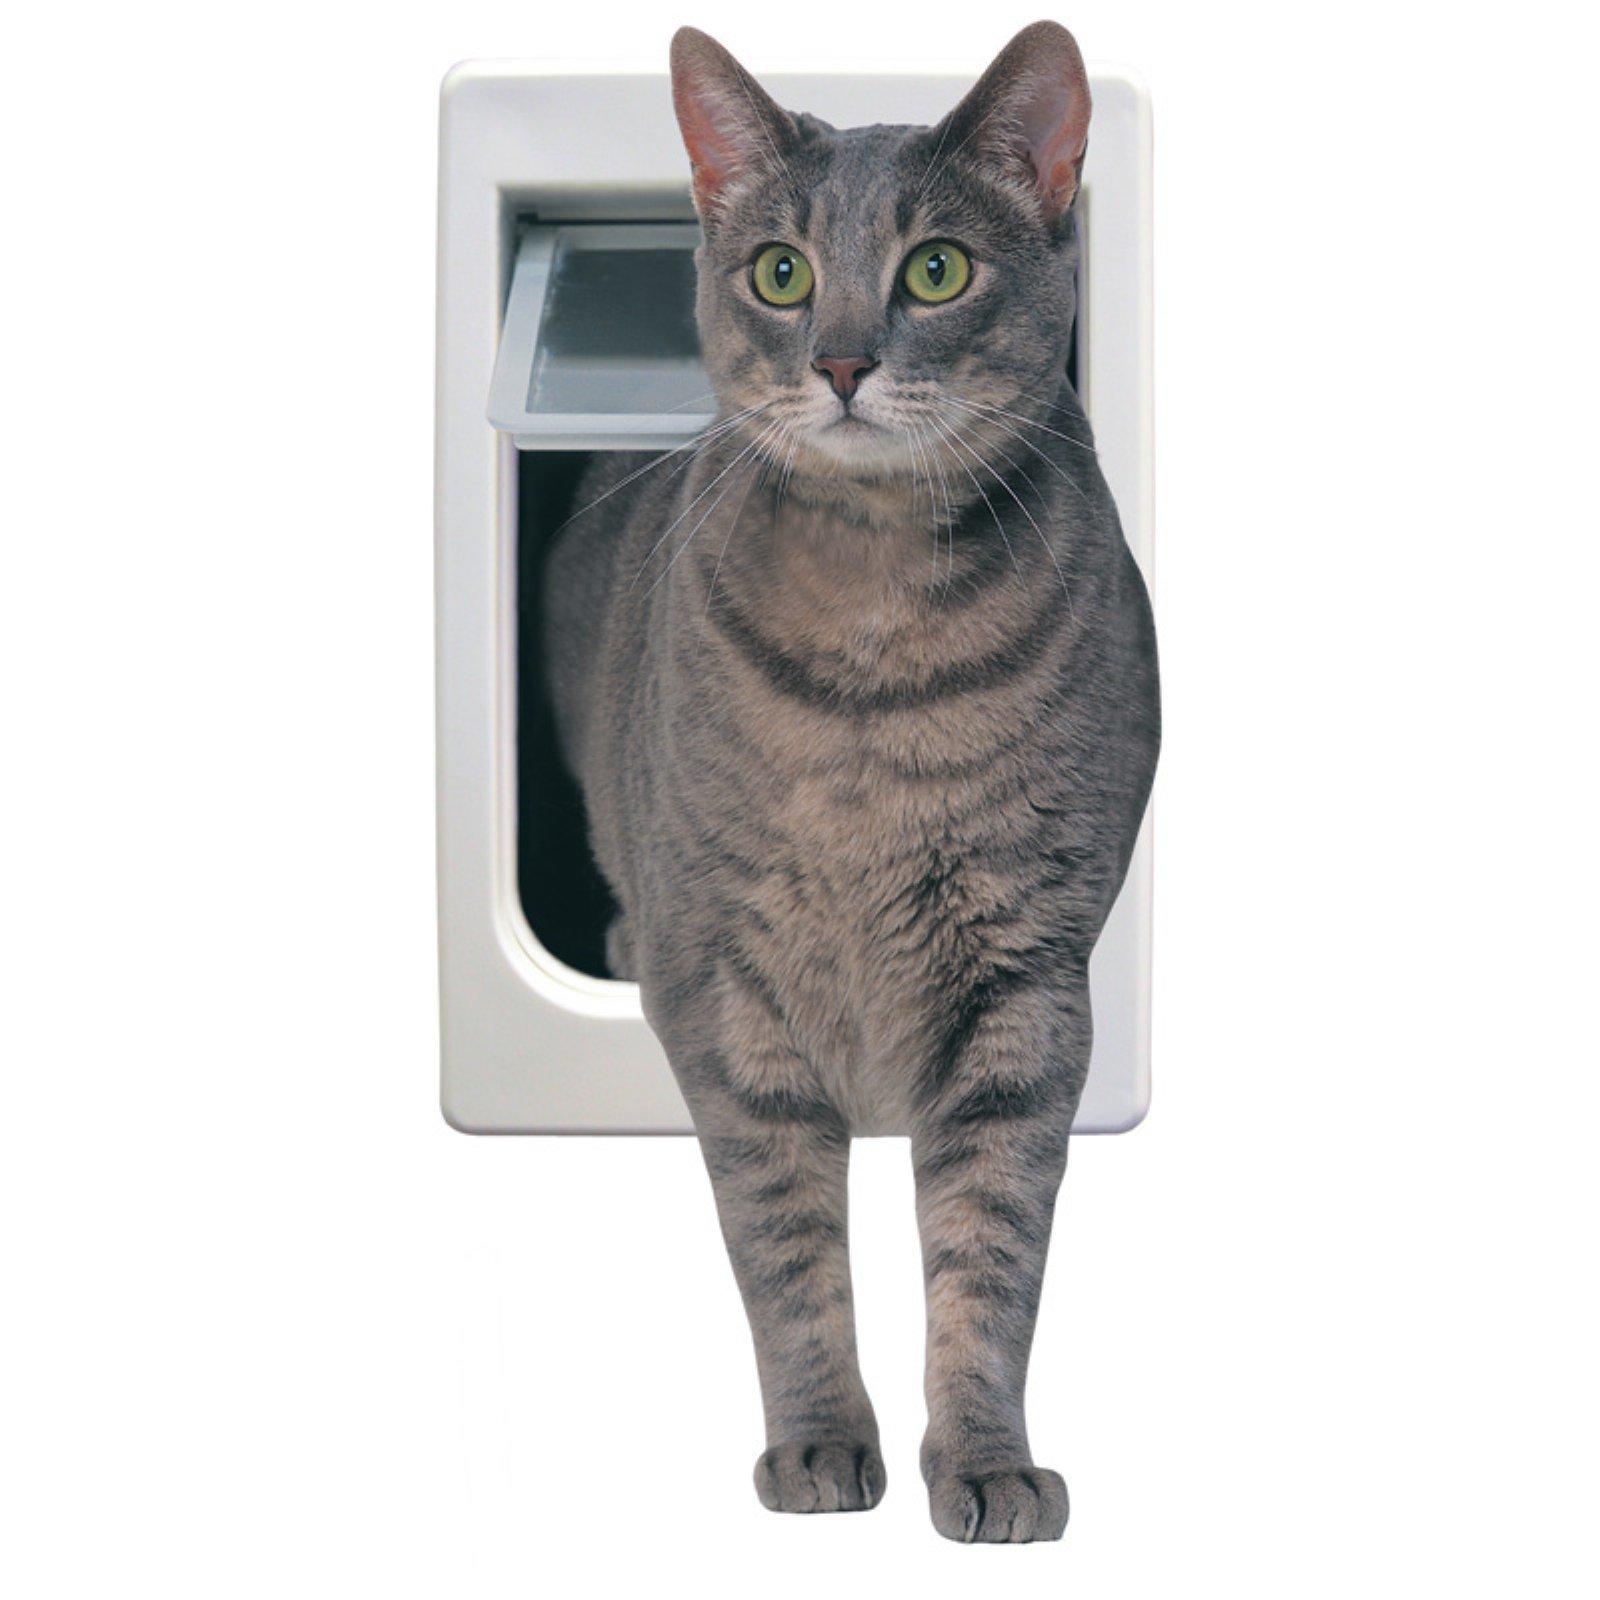 Ideal TubbyKat Storm Door Cat Door